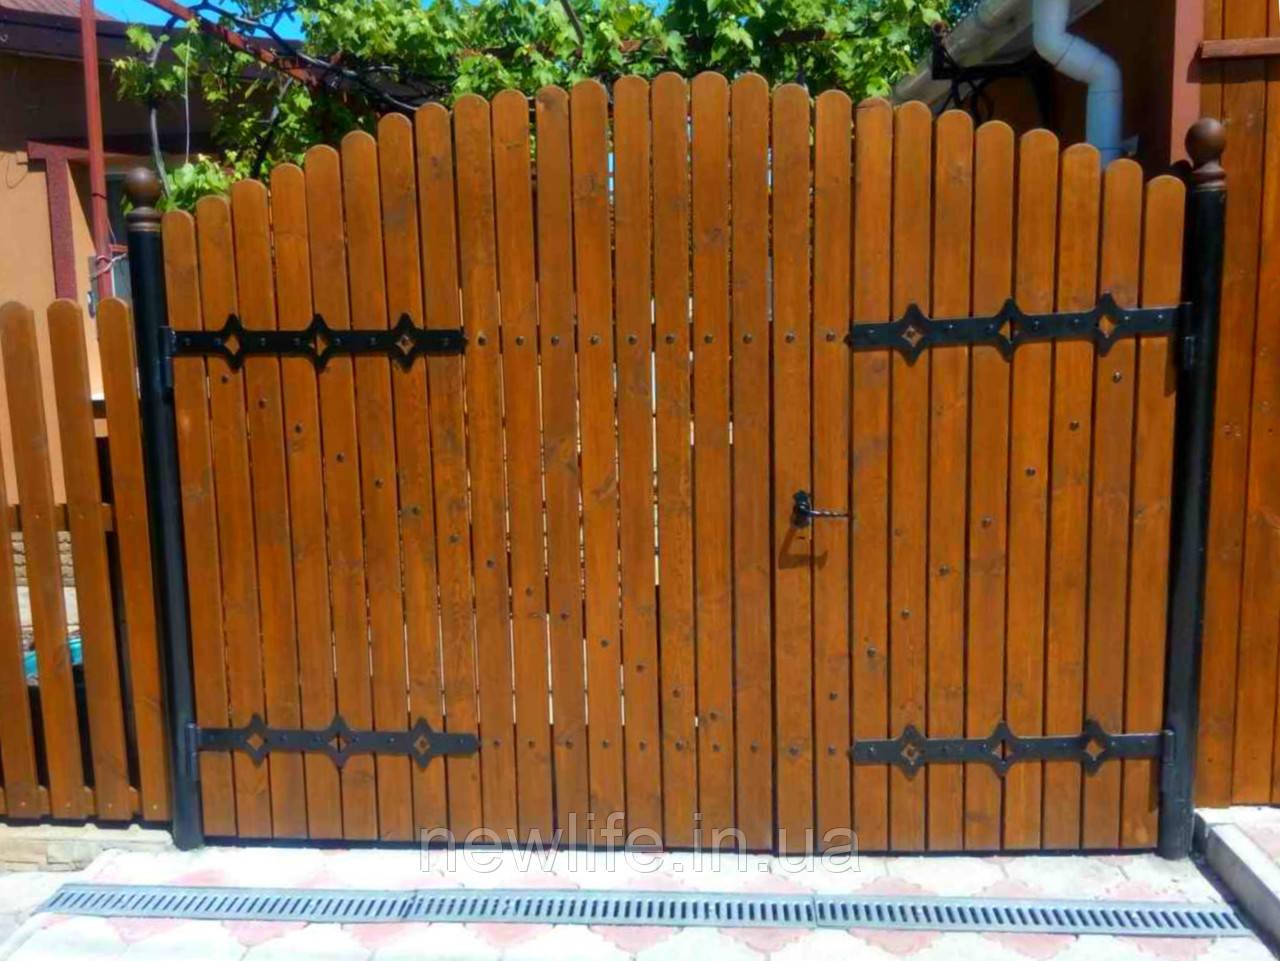 Жуковины на ворота, резные ворота, ограды, заборы, декоративная плазменная резка - NewLife в Мариуполе